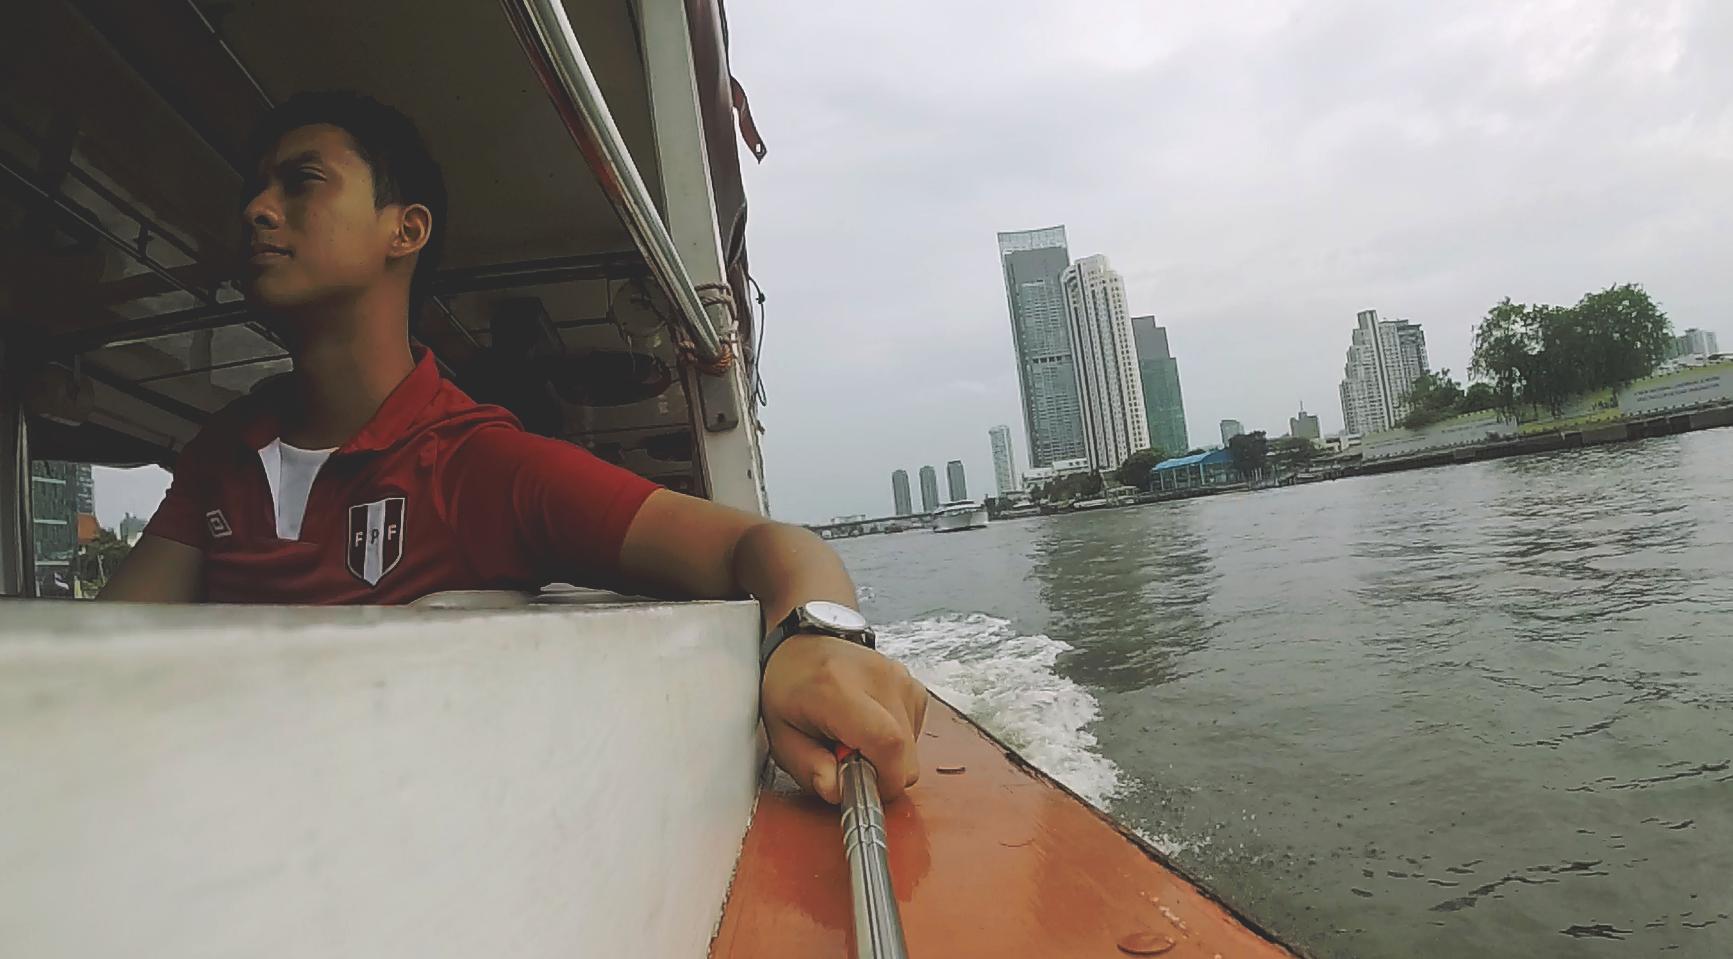 La lancha colectiva es una manera económica de viajar por Bangkok.